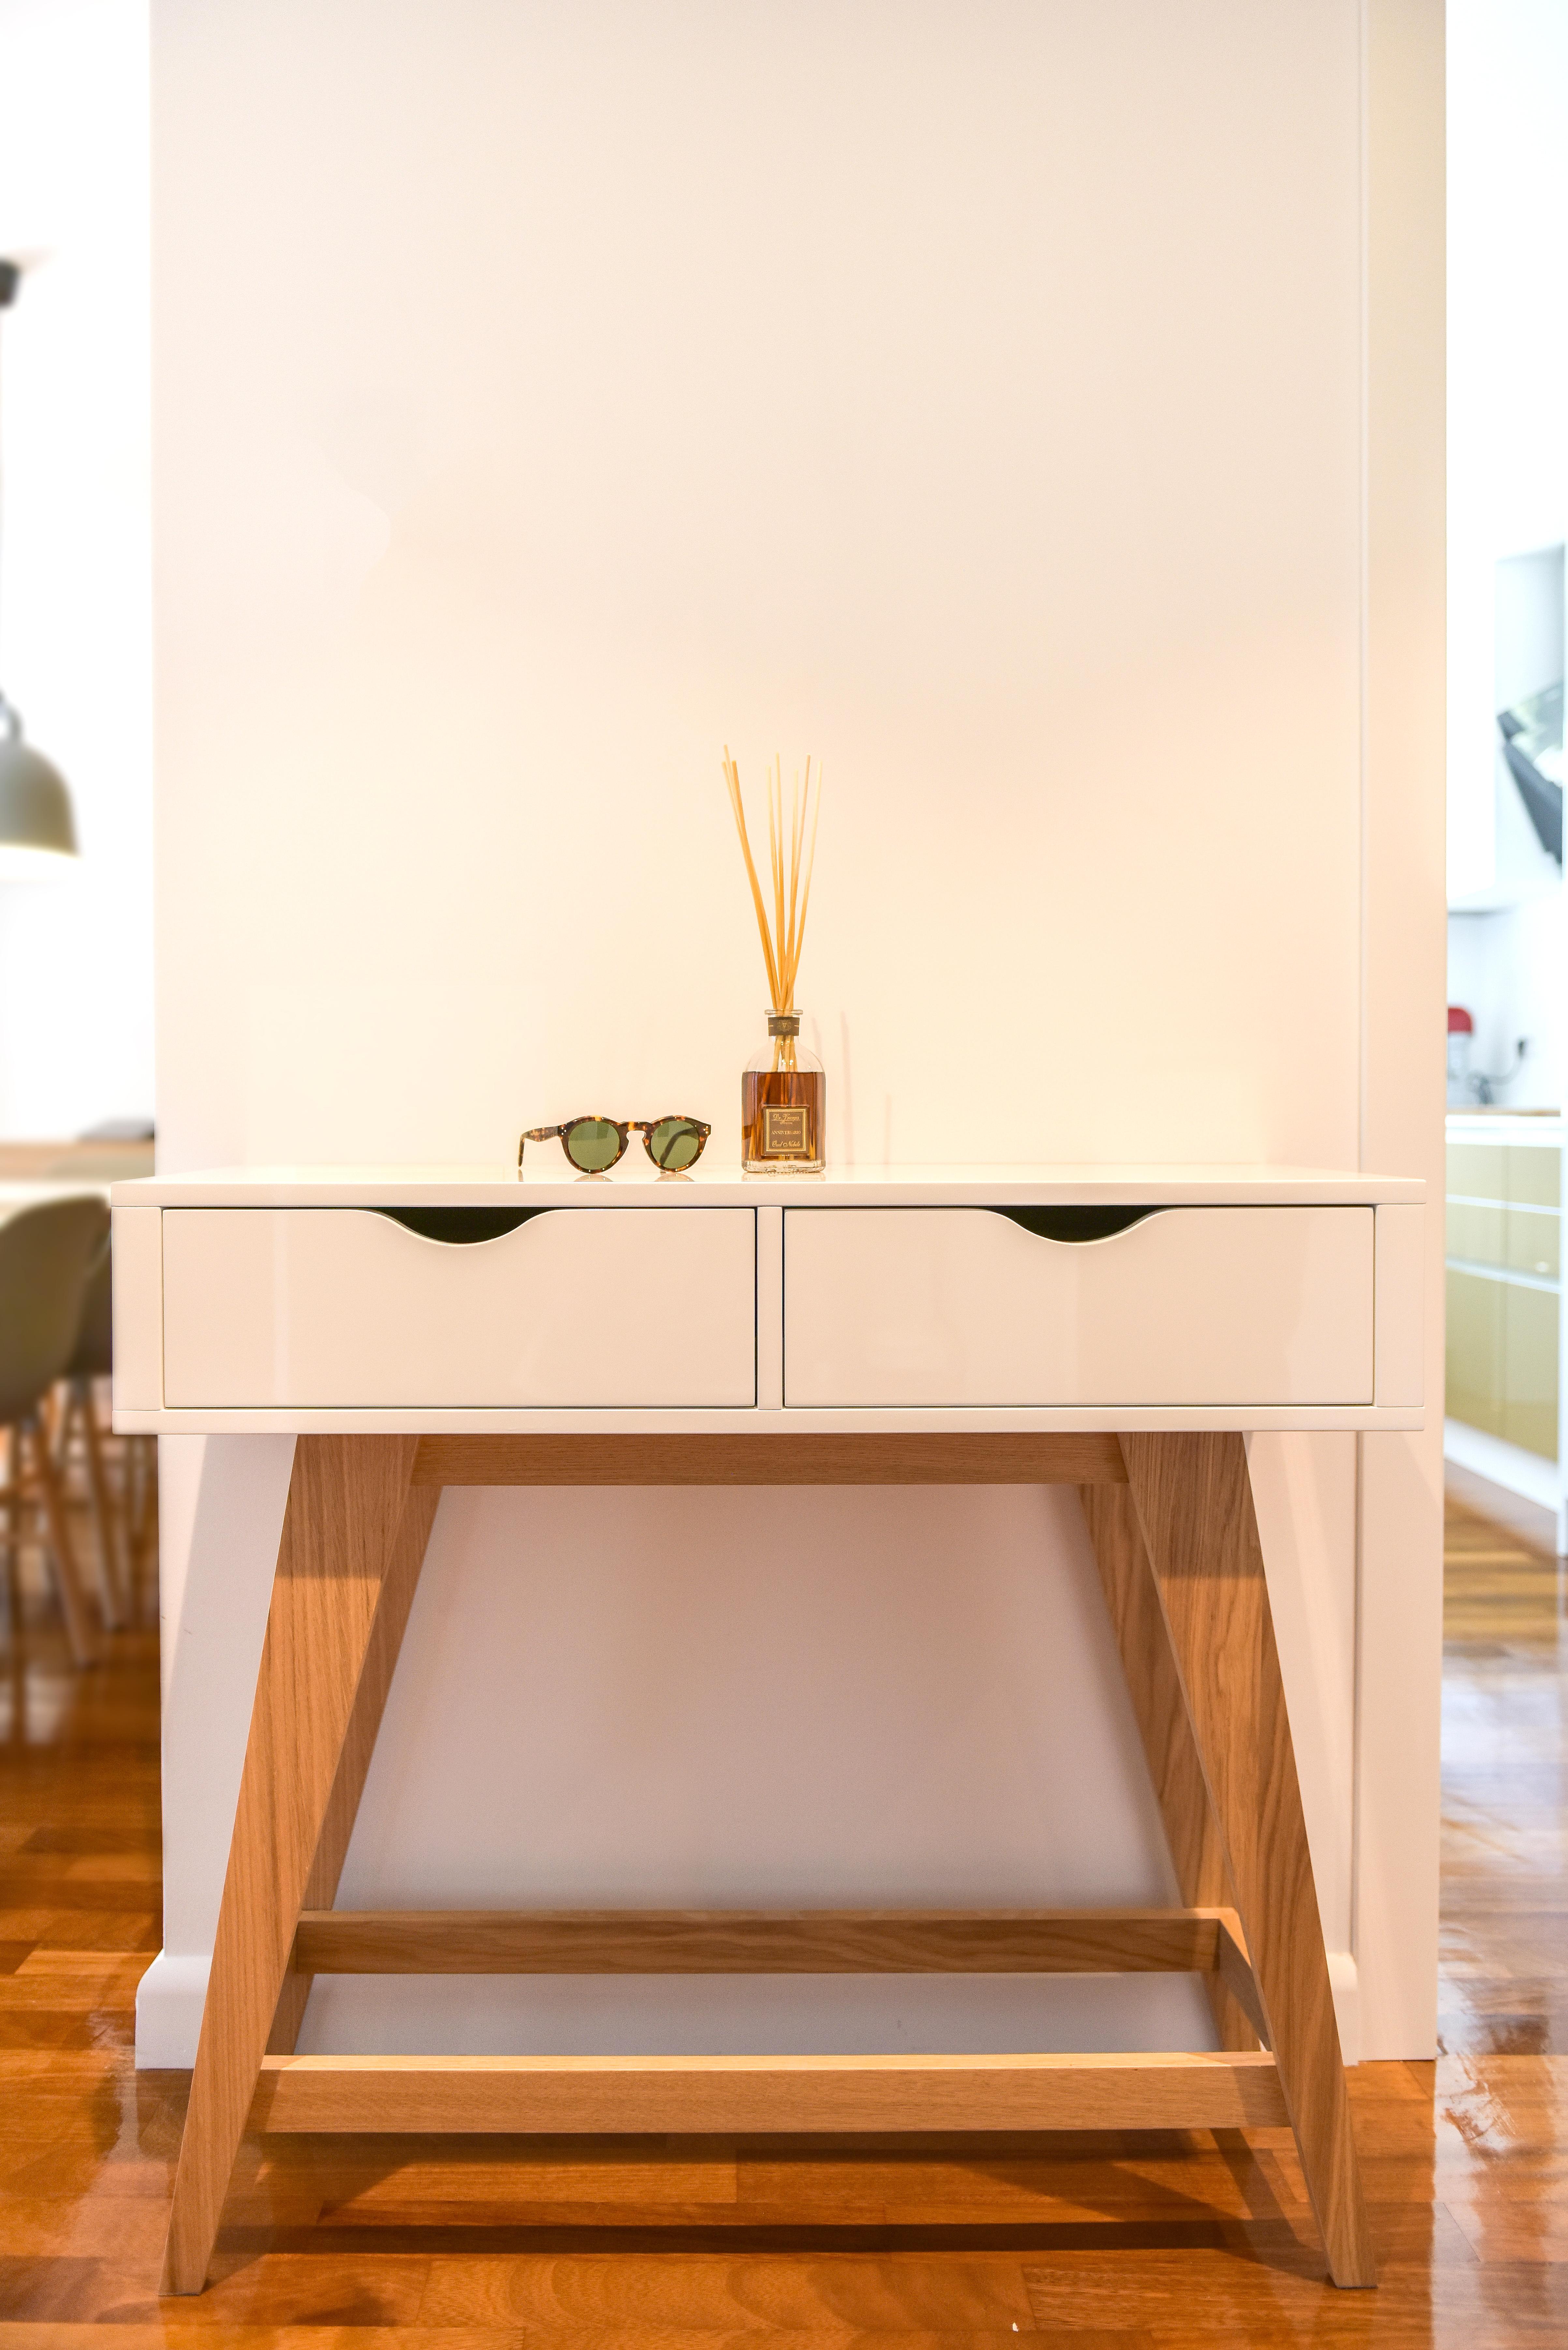 corp de mobilier masa cu sertare finisaj alb vopsit picioare si catru lemn natur